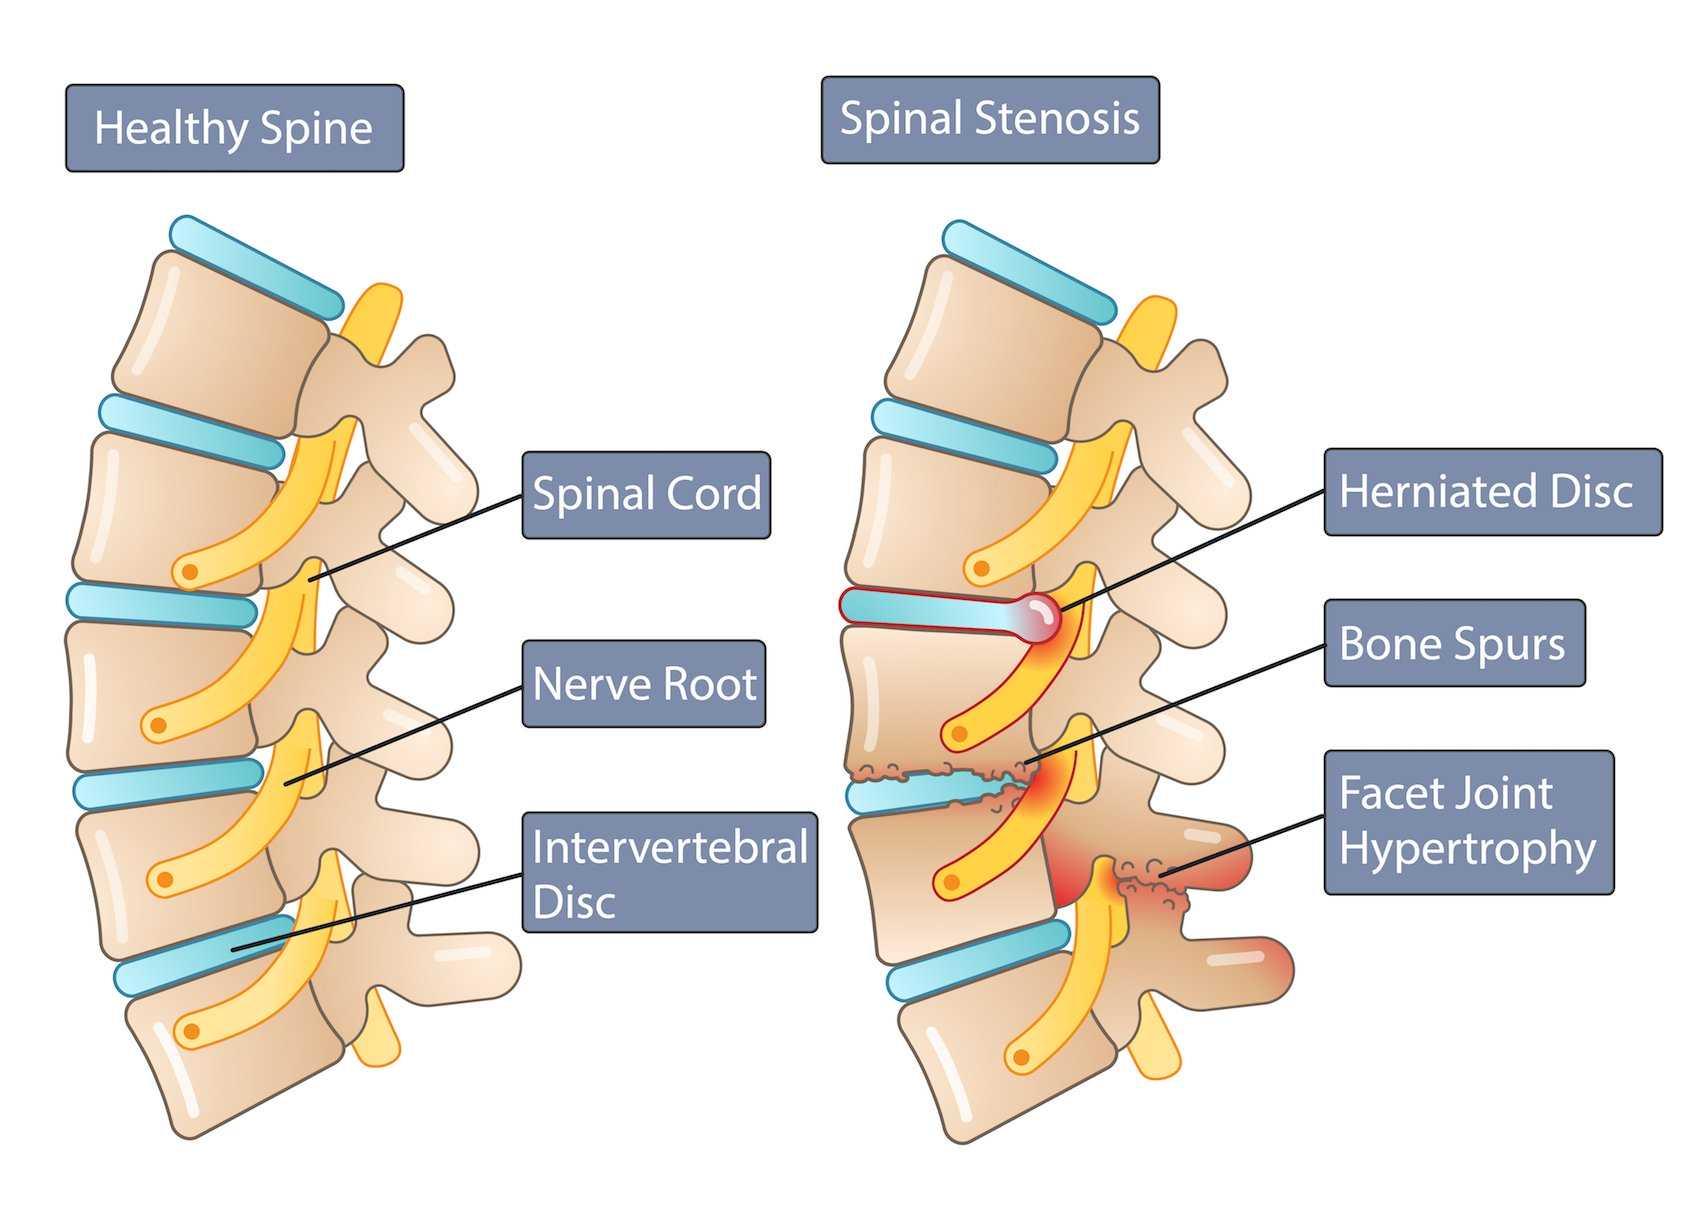 Spinal Stenosis Versus Healthy Spine Anatomy